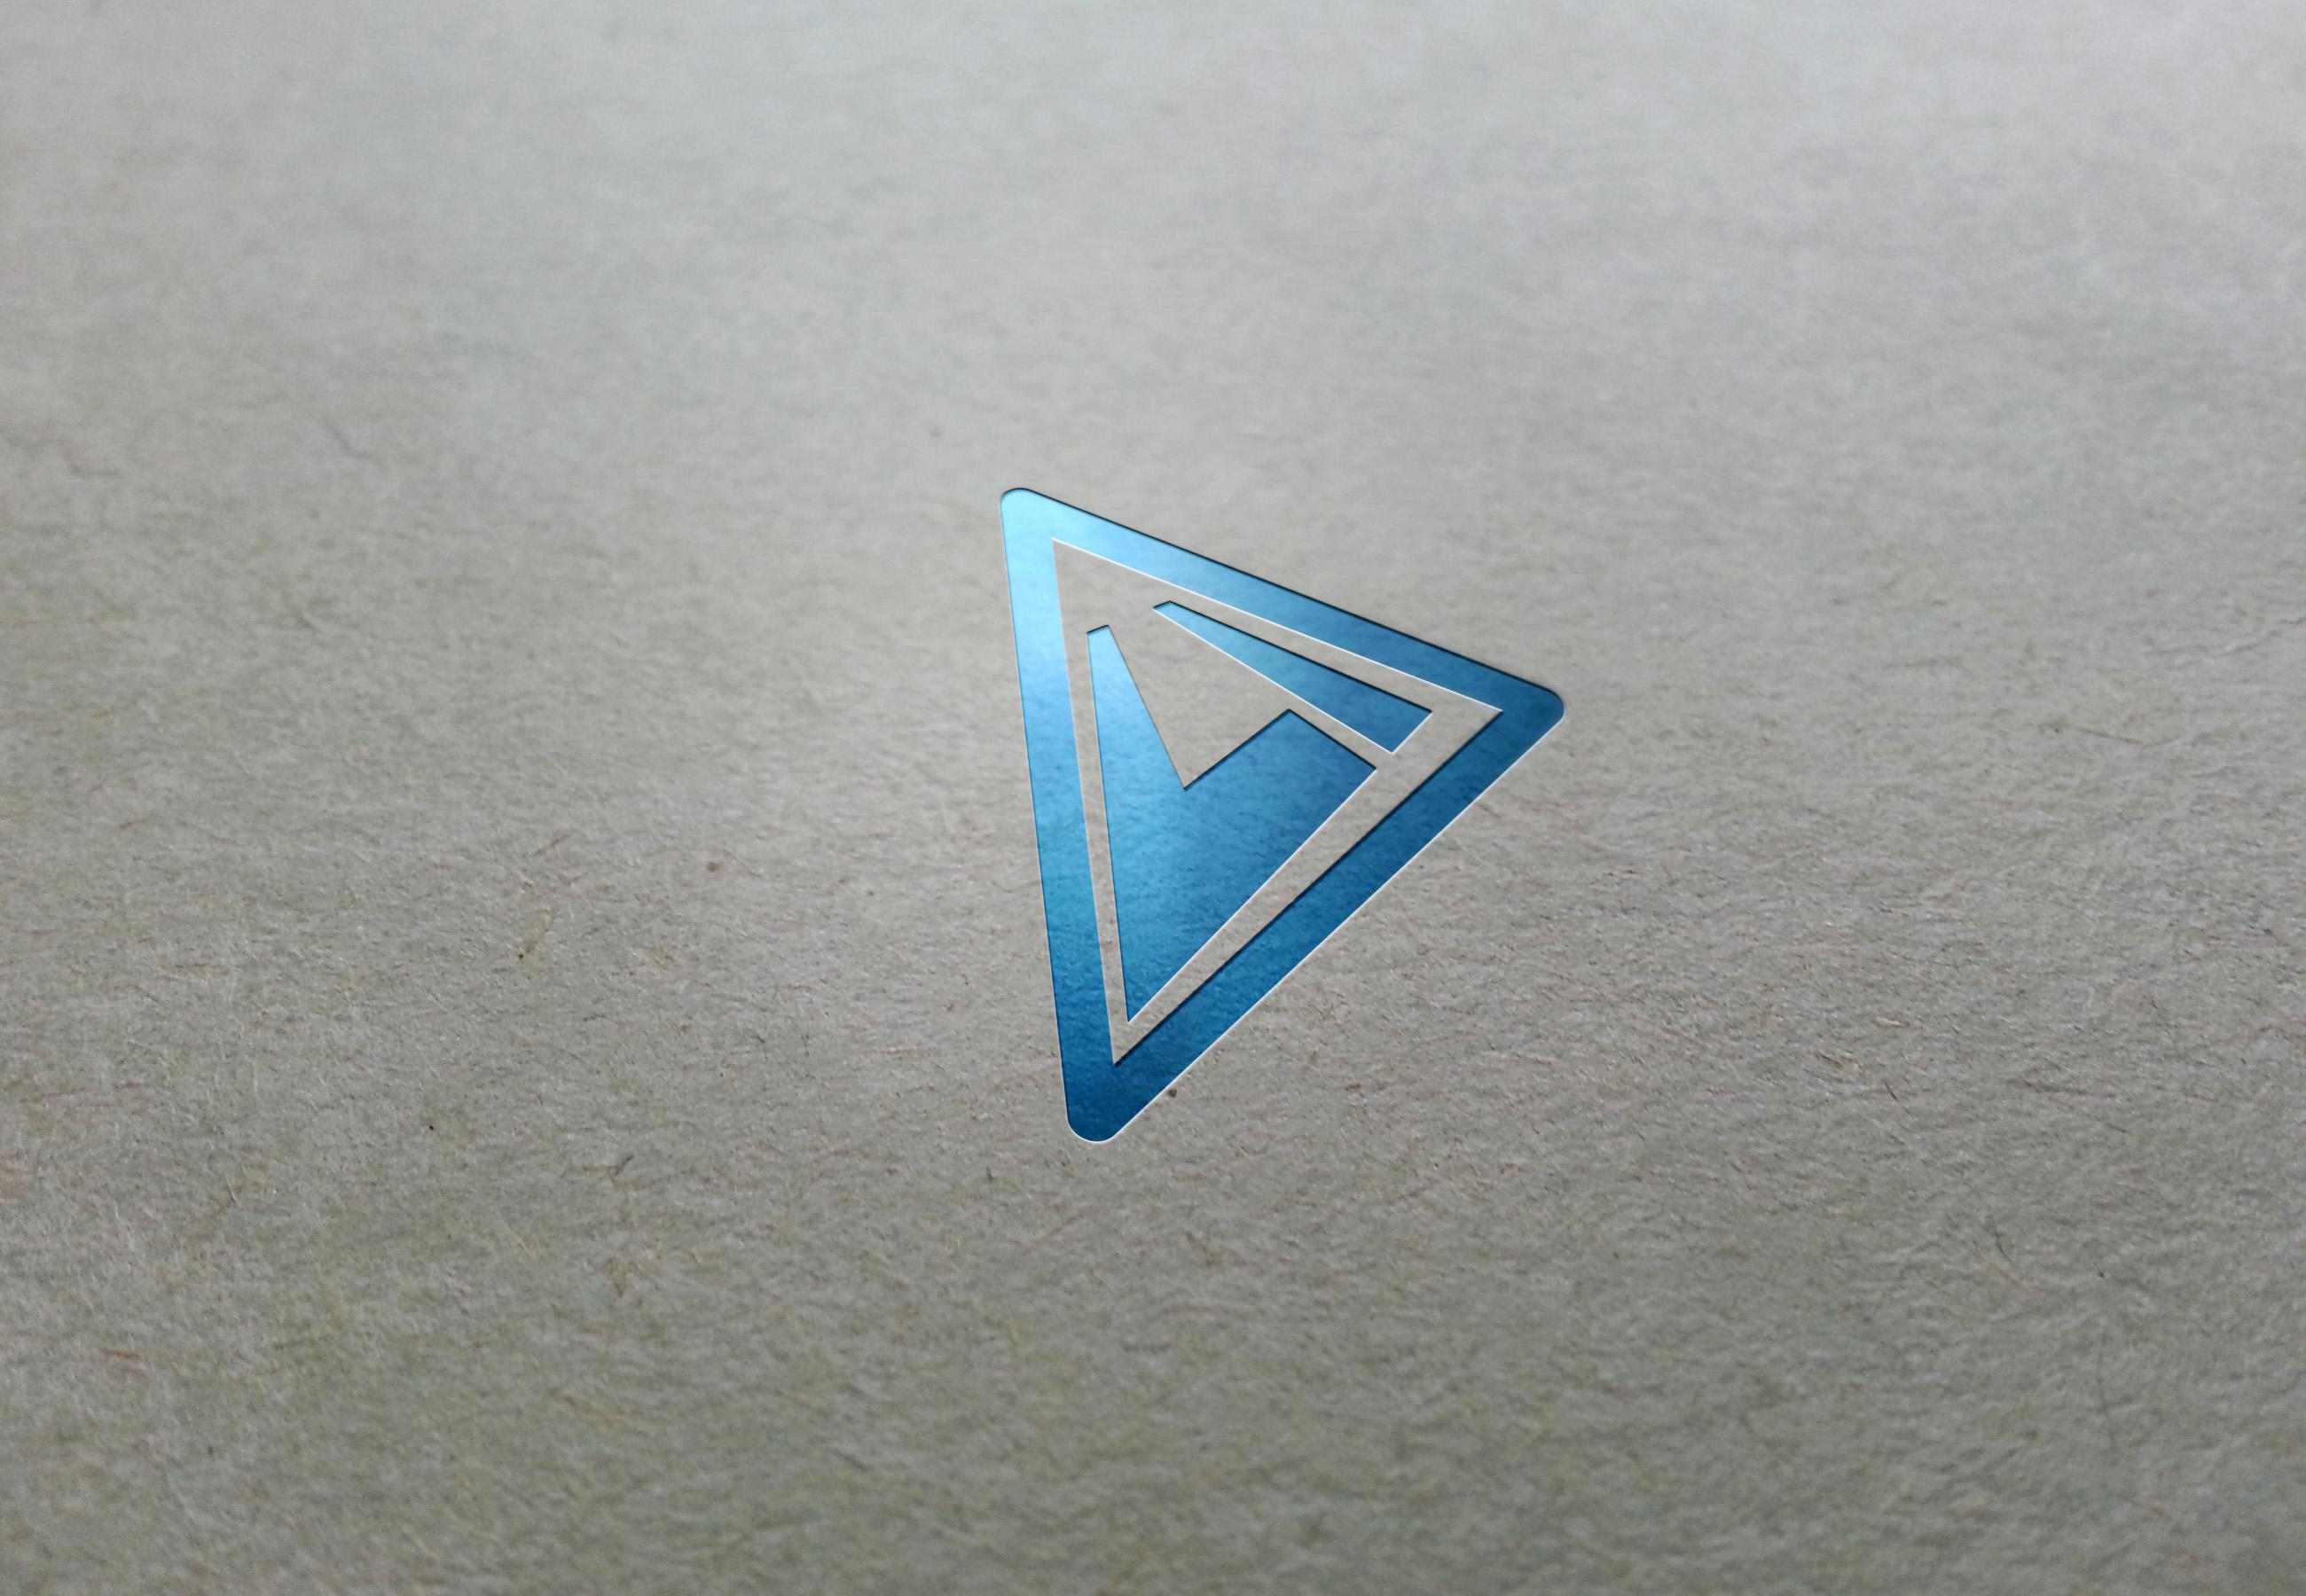 手套品牌logo设计_3036300_k68威客网